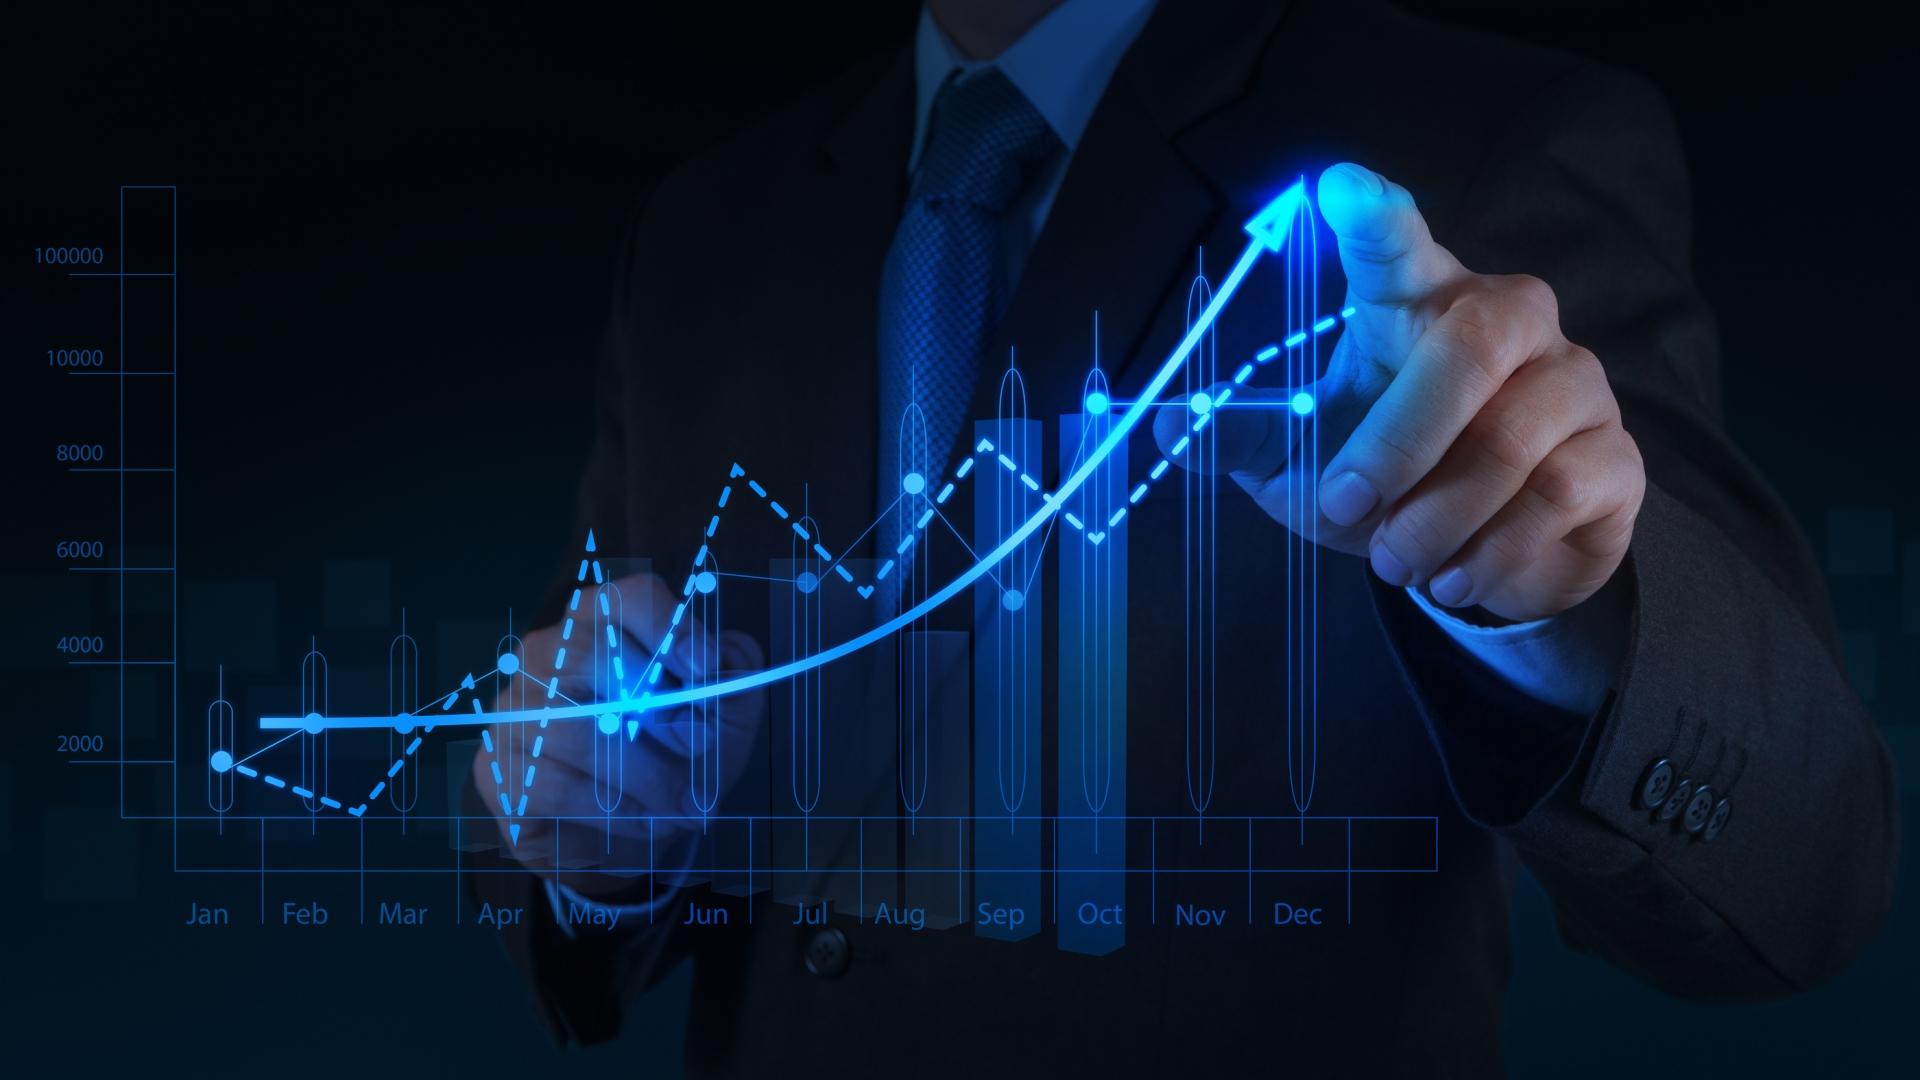 Ảnh nền Powerpoint đồ thị kinh tế